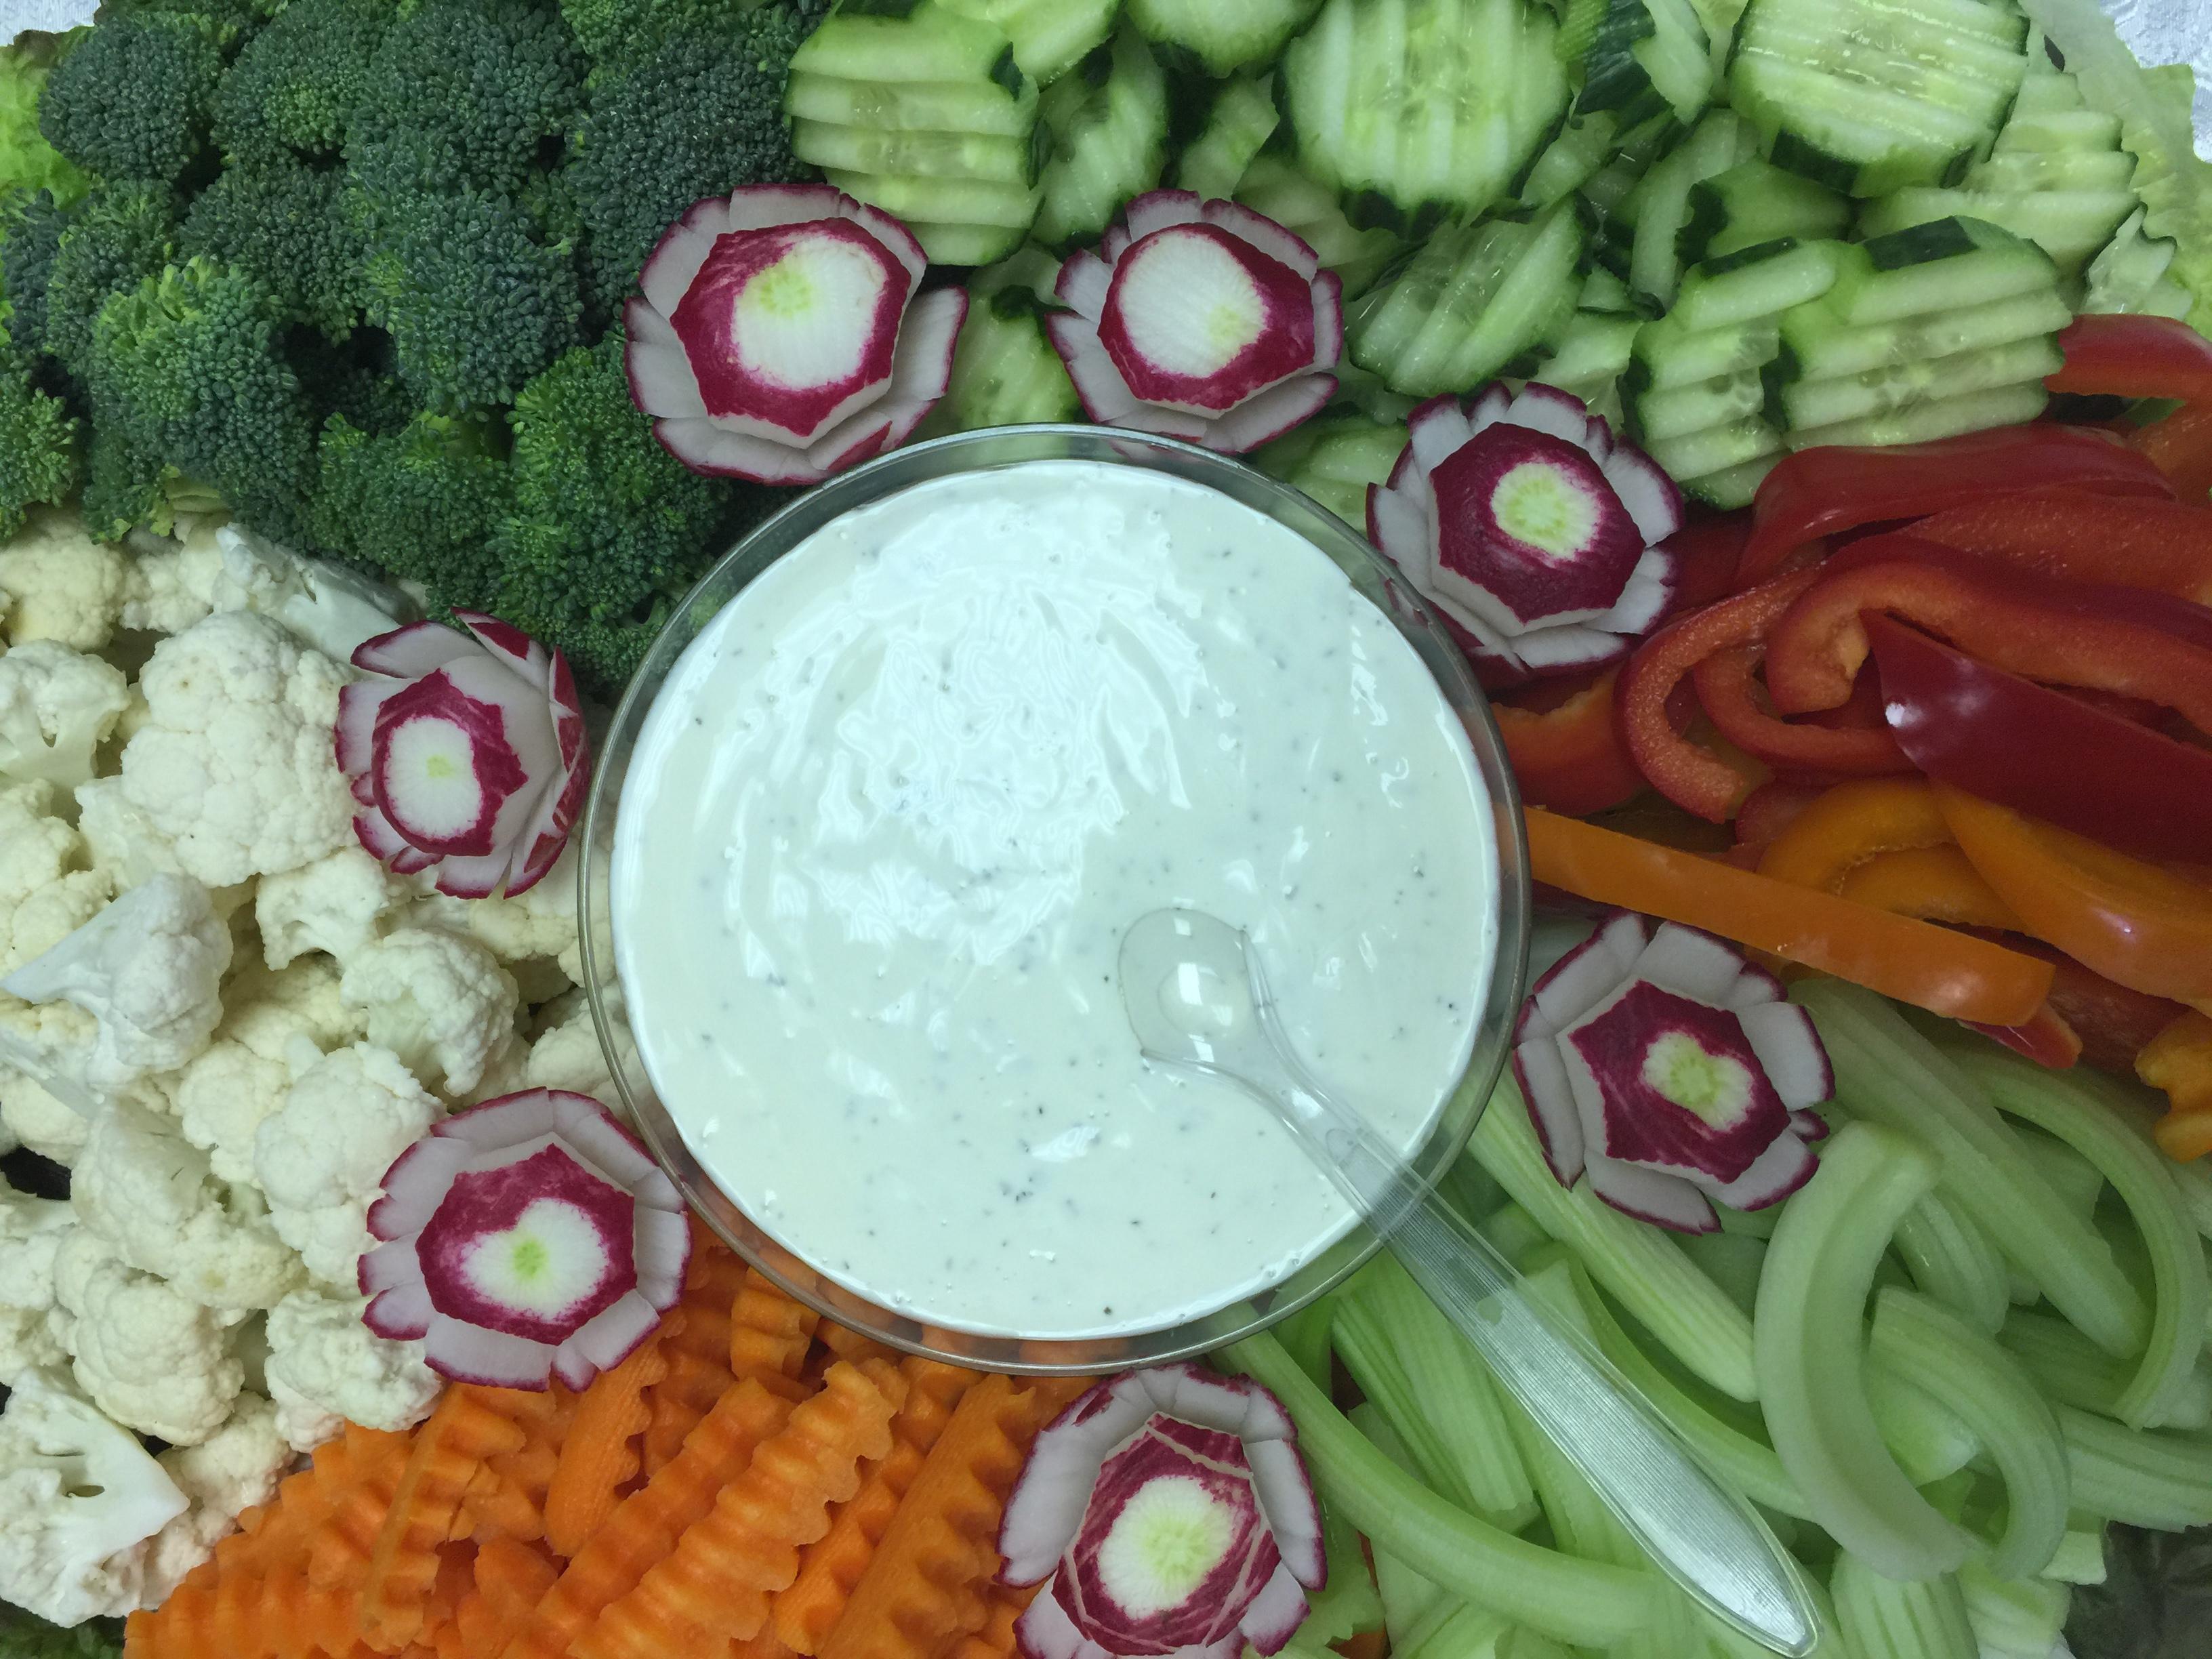 catering veggies